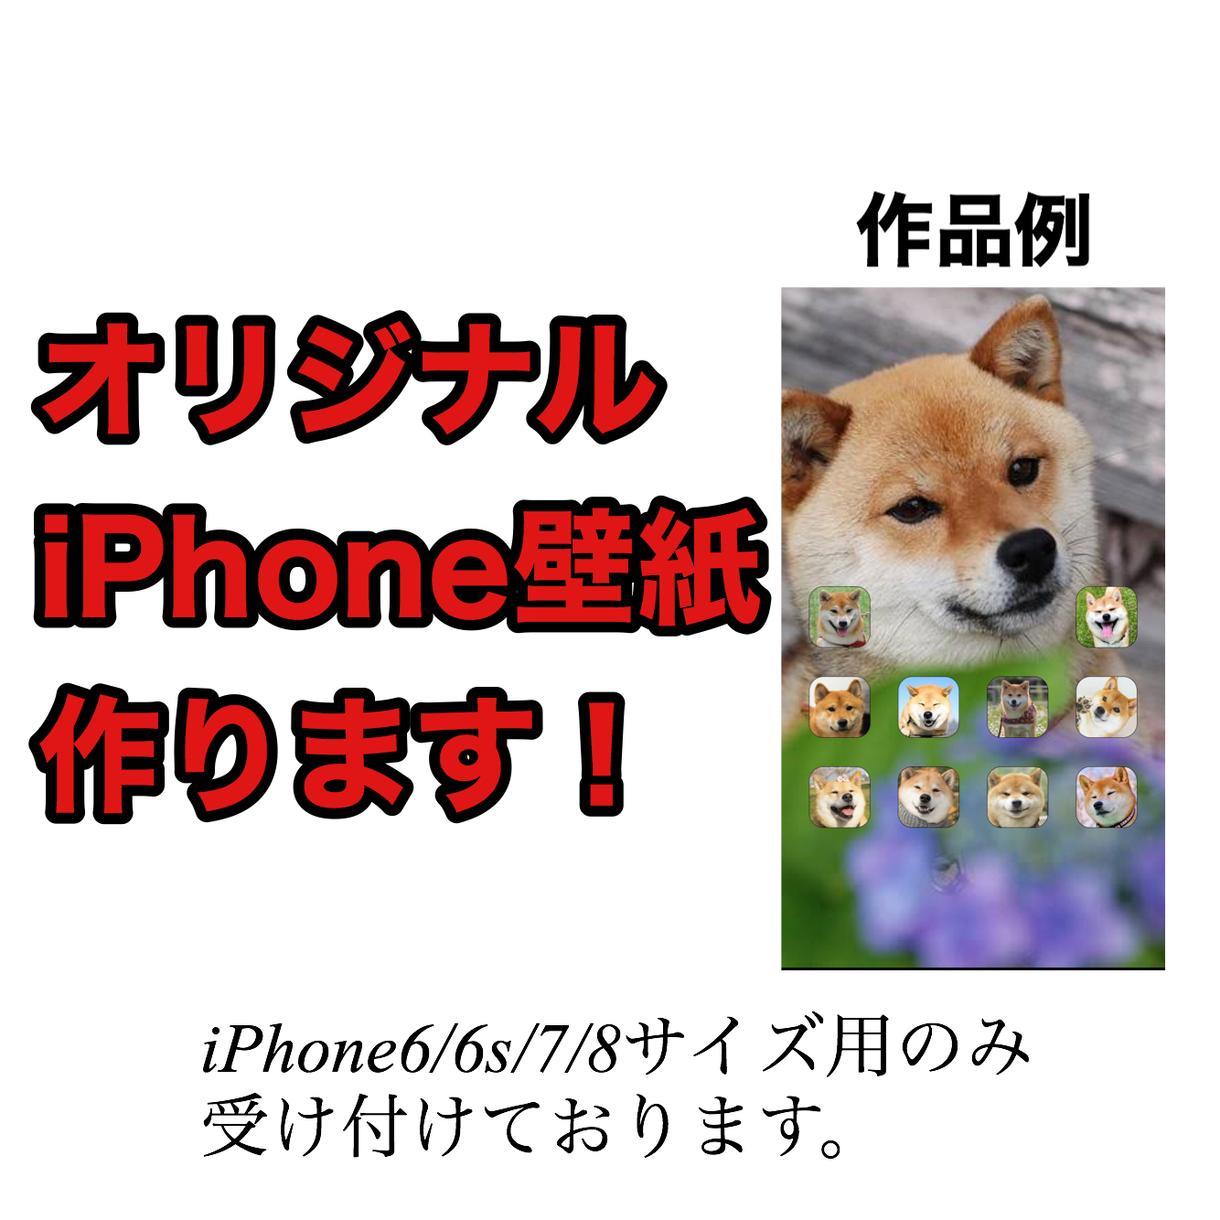 2枚!オリジナルiPhone壁紙作ります iPhoneのアイコン型に画像を加工します!!